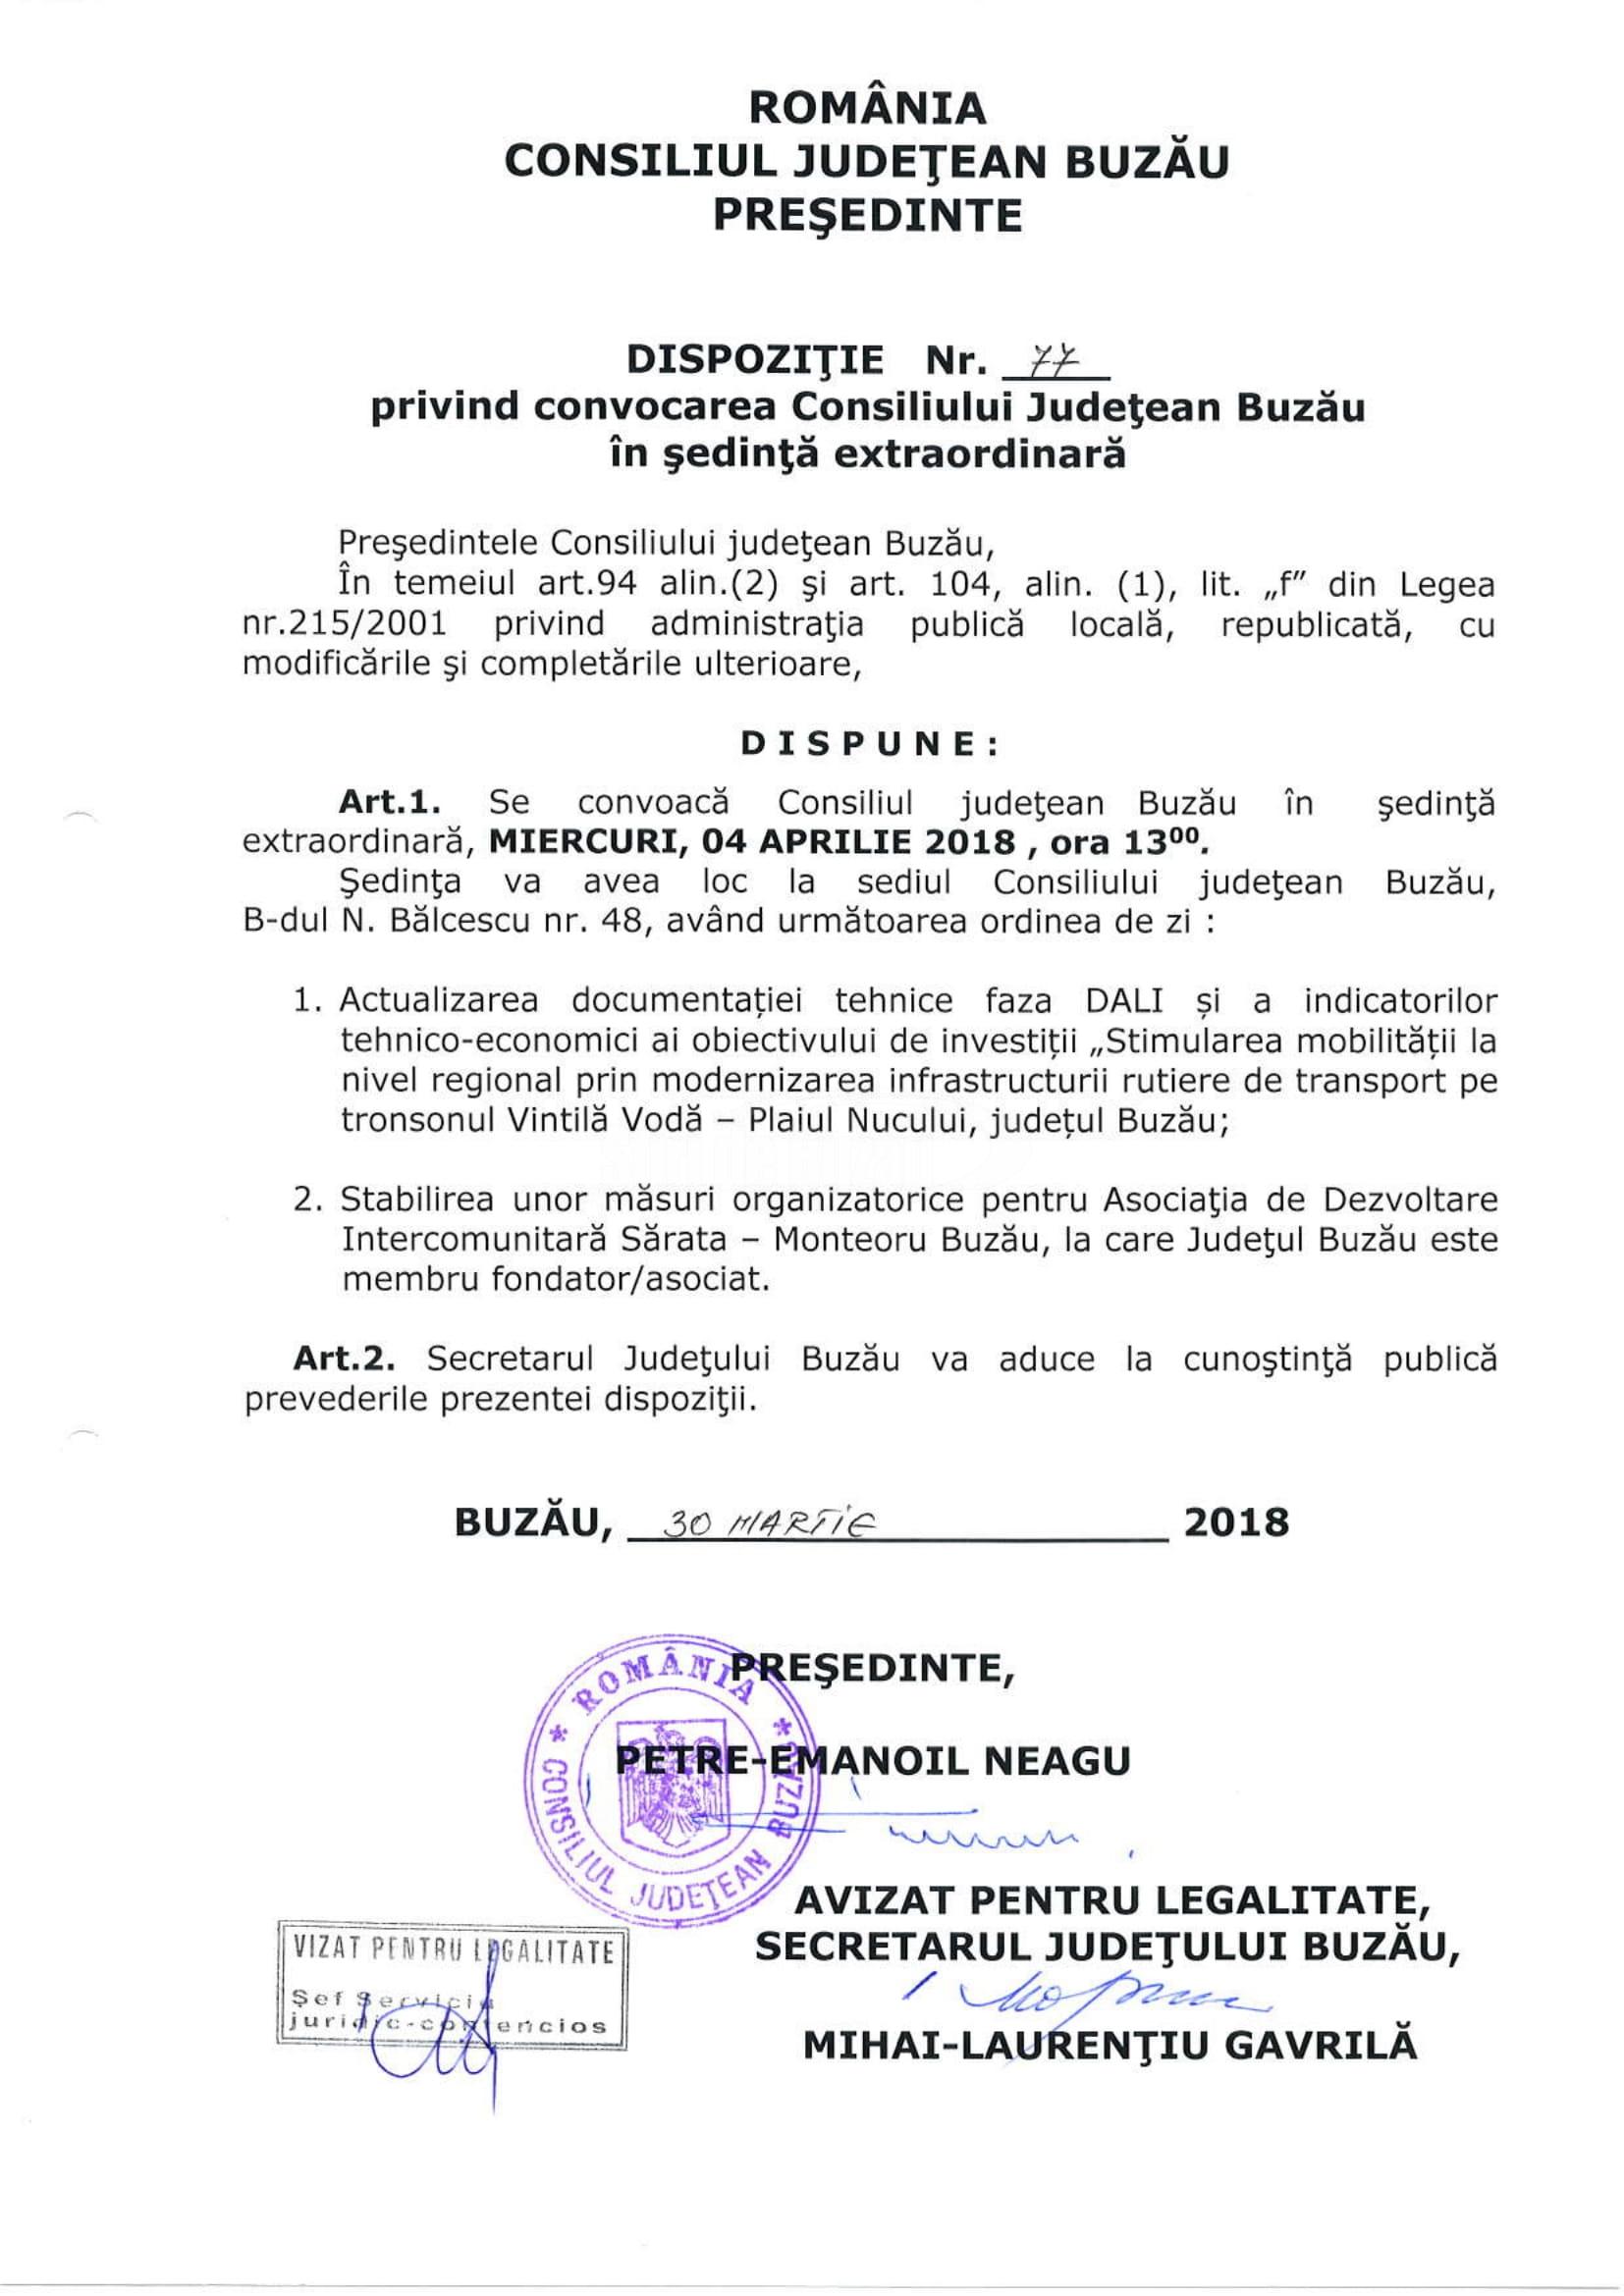 Dispoziția-de-convocare-nr.77-1